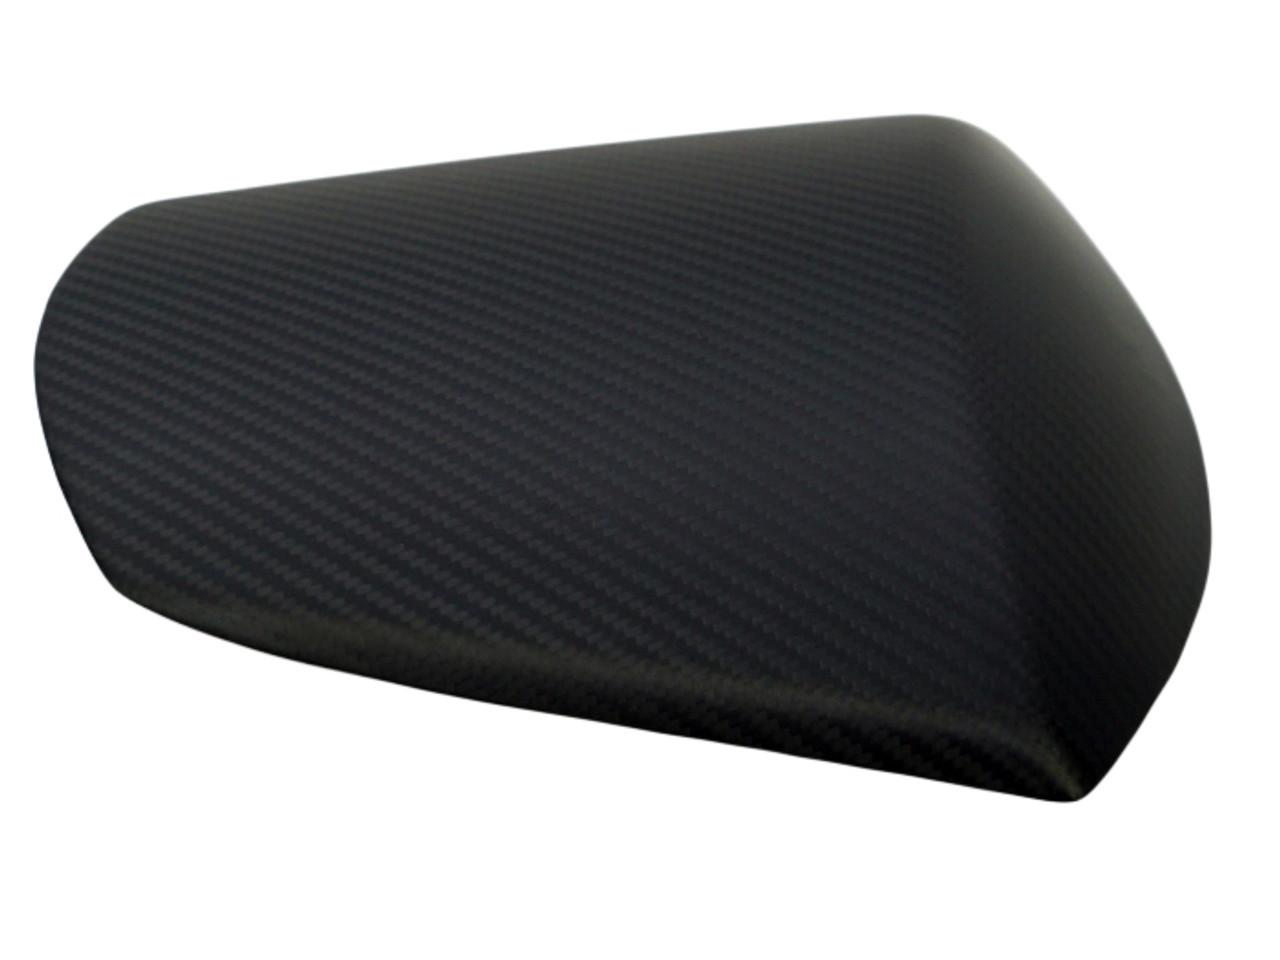 Seat Cowl in Matte Twill weave Carbon Fiber for Suzuki GSXR 750 2011-2019,GSXR 600 2011-2019